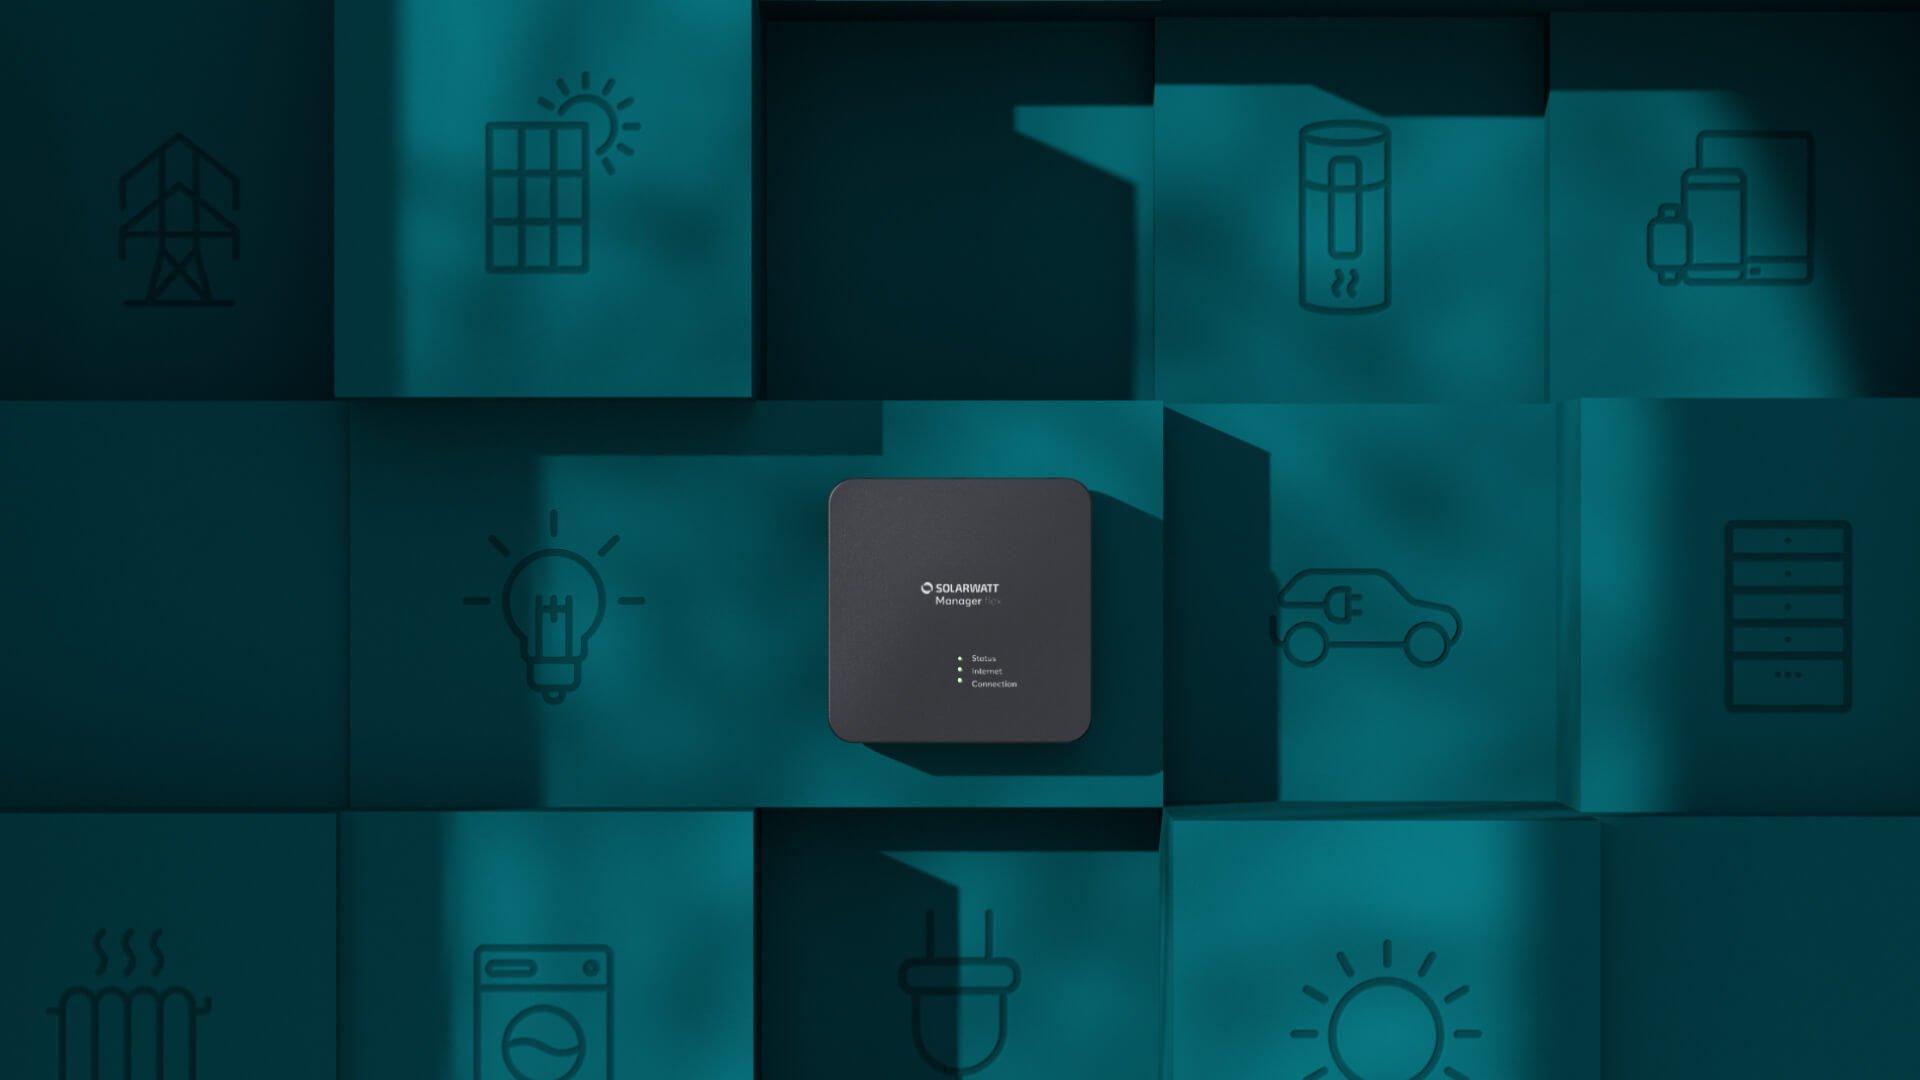 solarwatt energiemanager manager flex met icons op de achtergrond